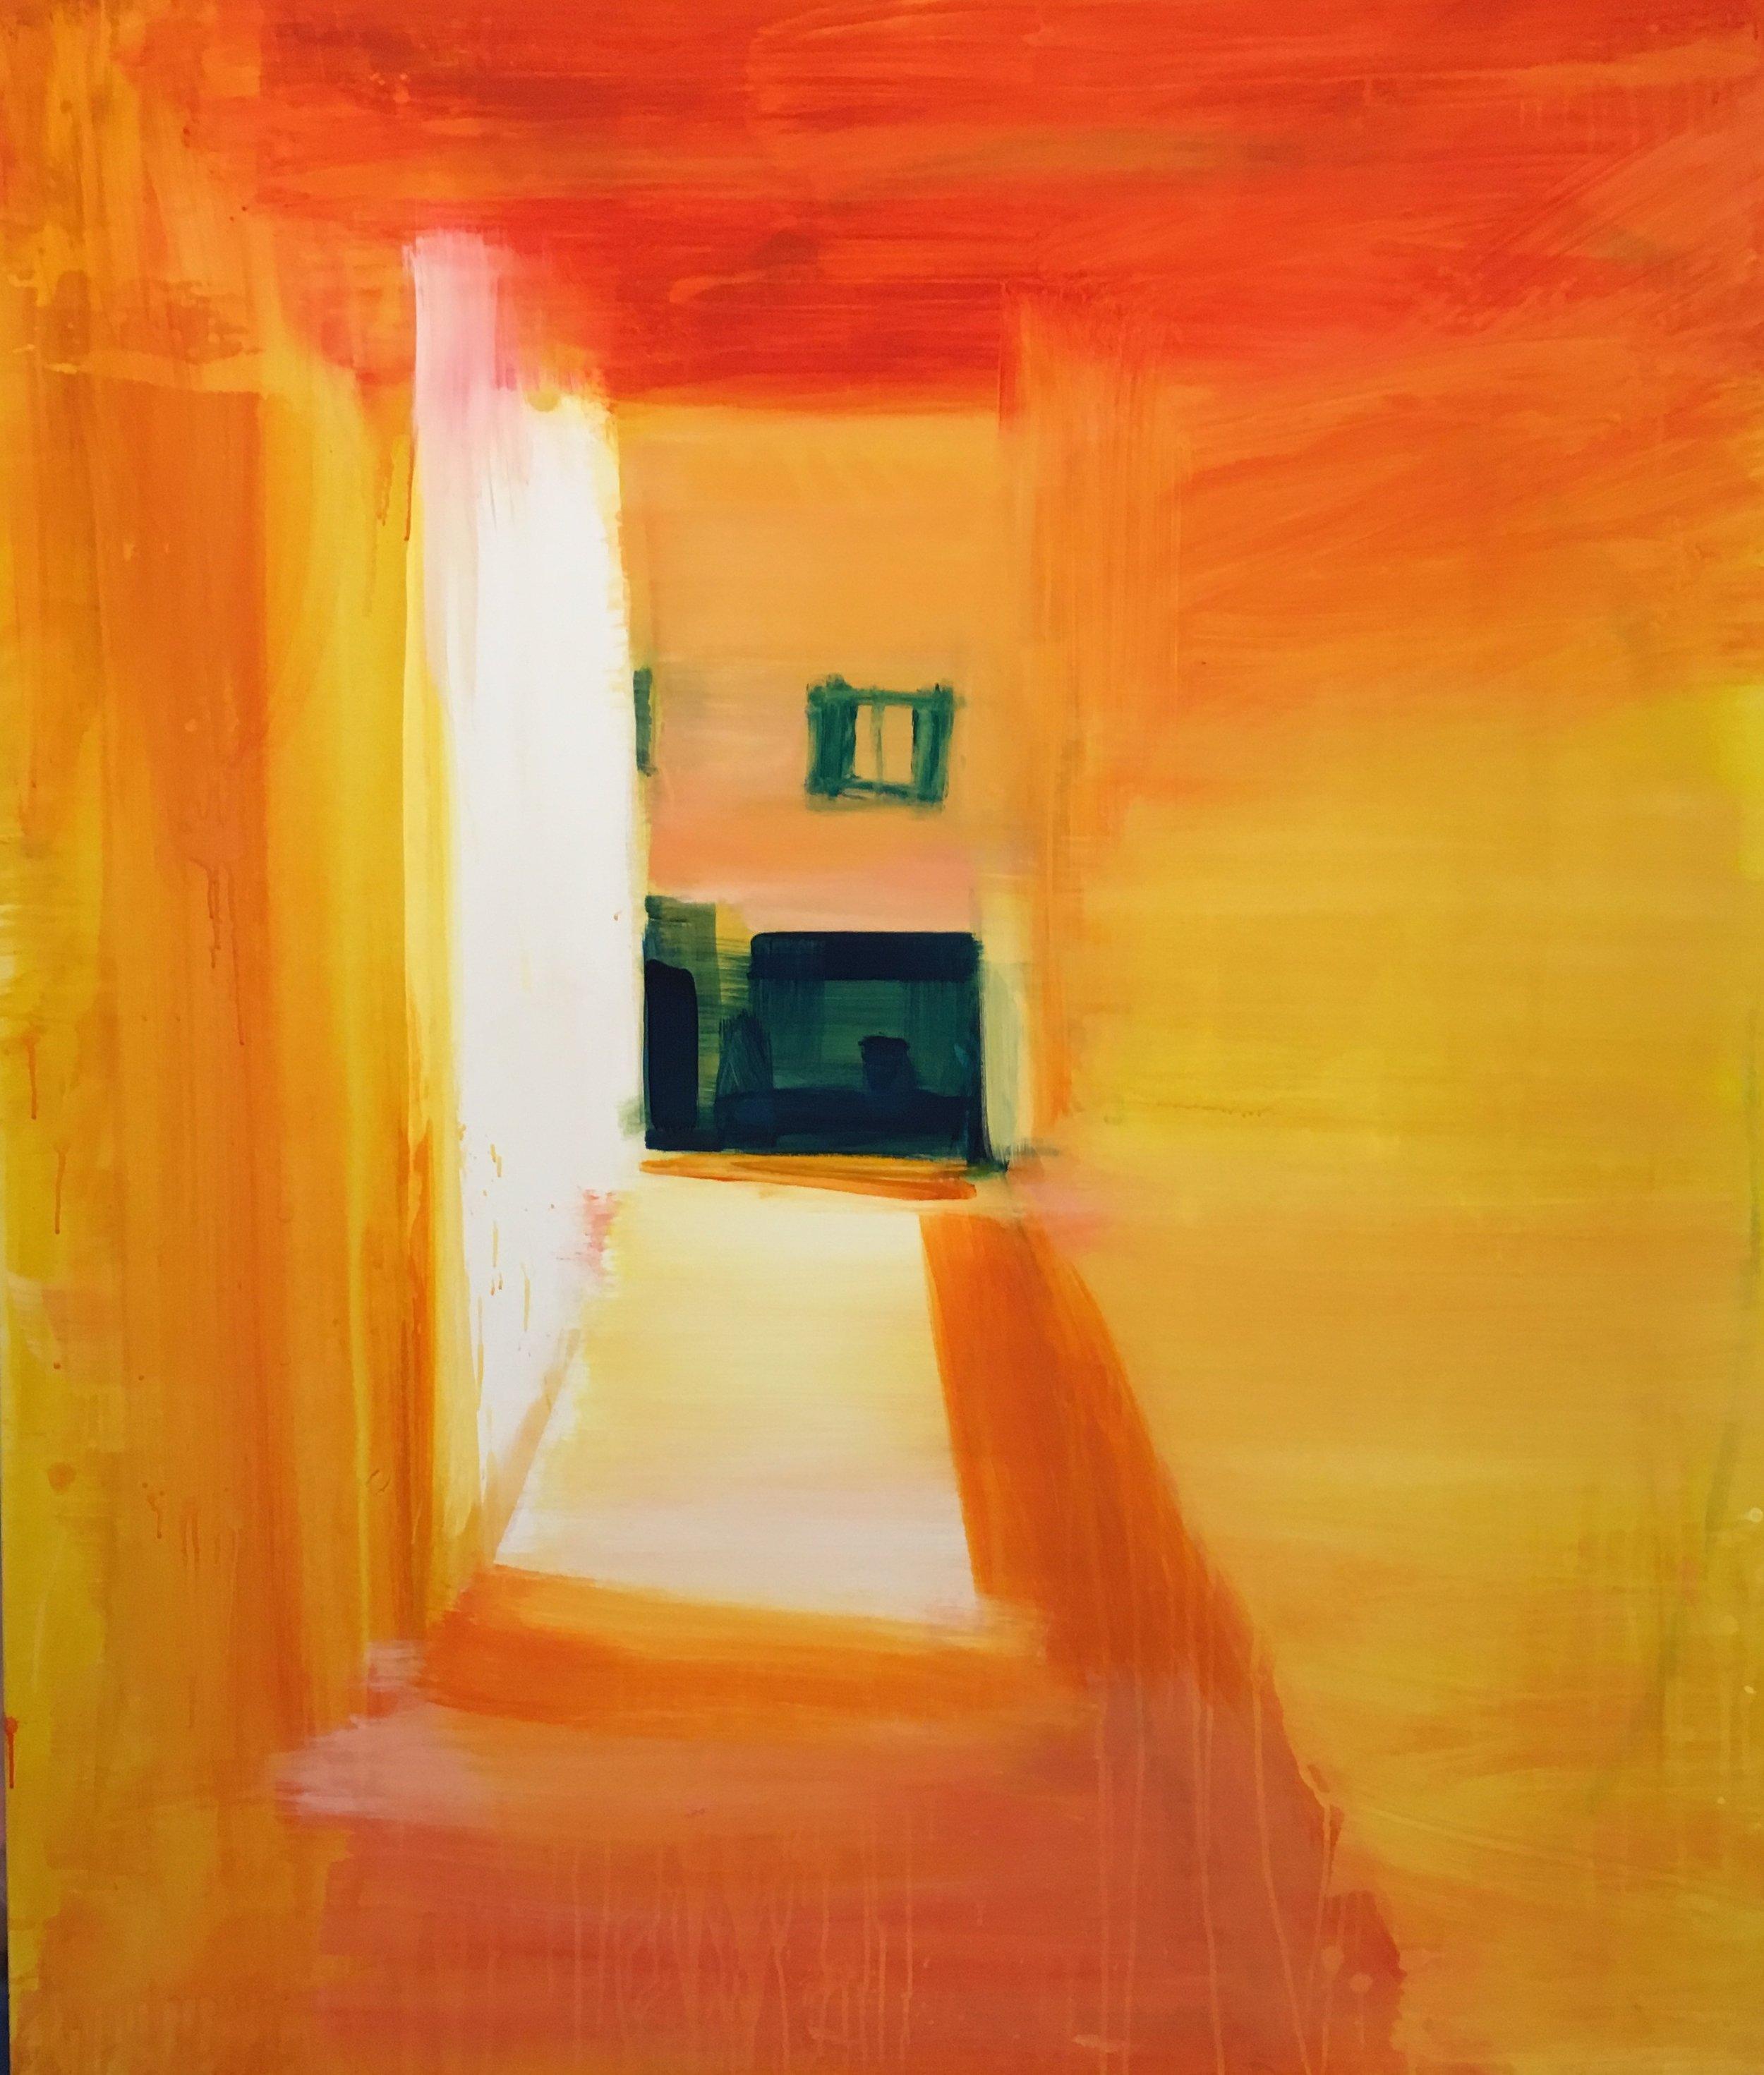 Venice, 2016 5 x 4ft oil on canvas